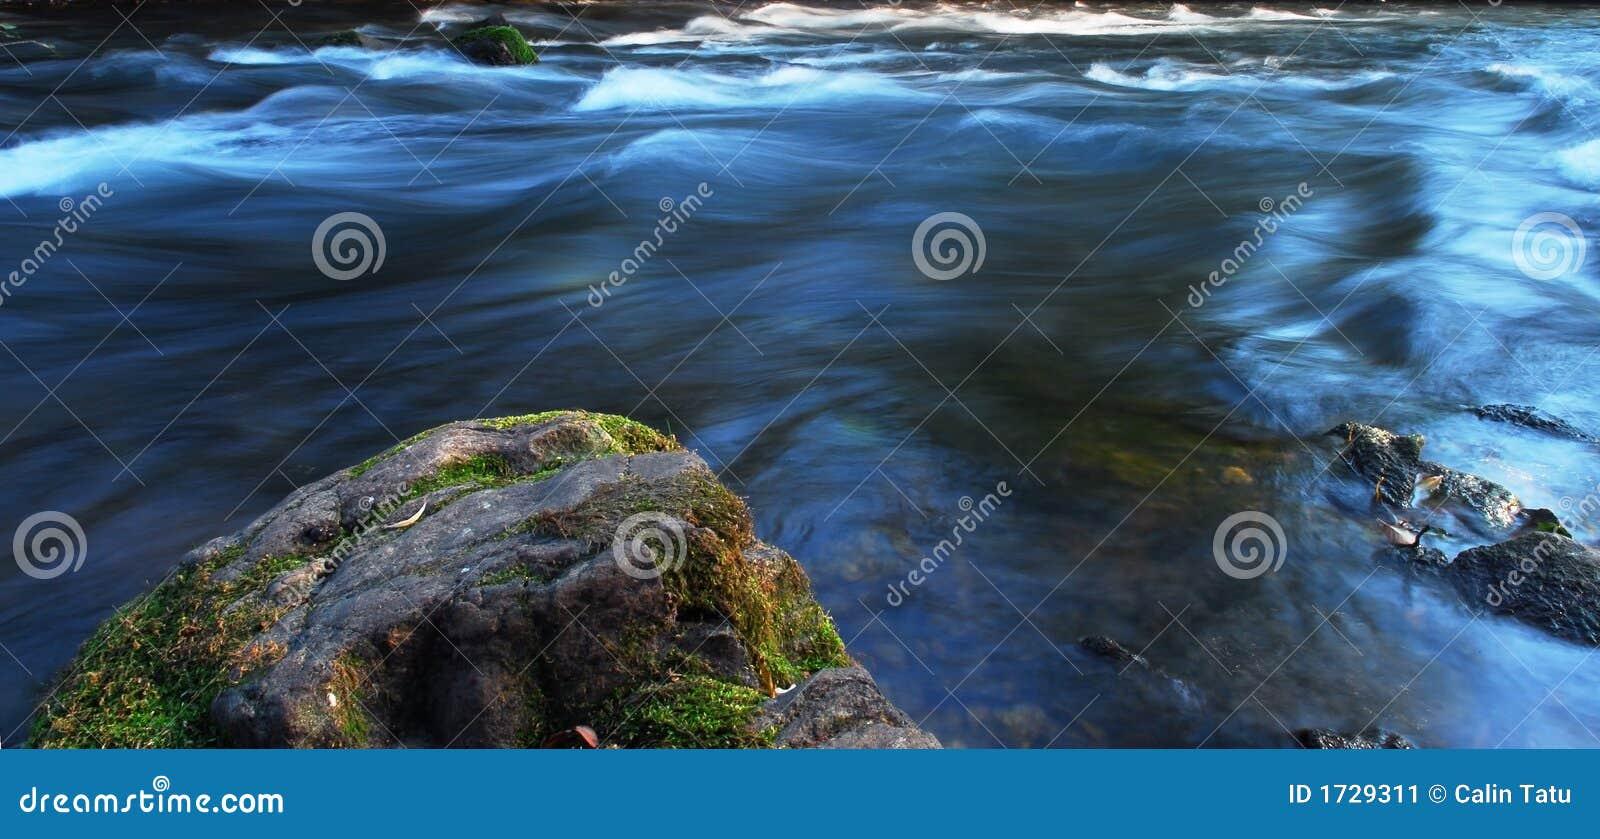 Flusso del fiume, livellante indicatore luminoso